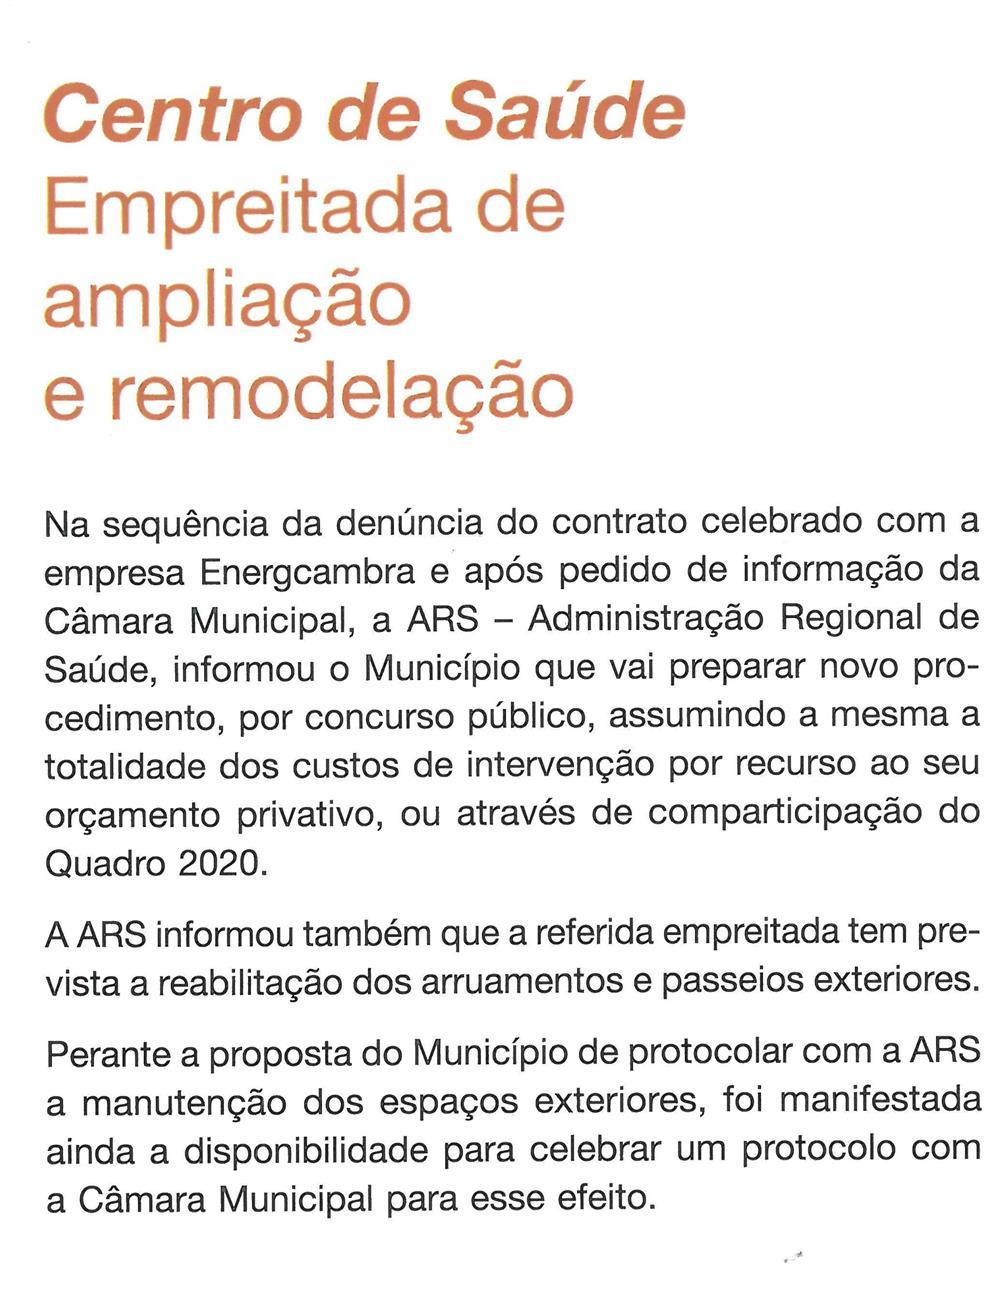 BoletimMunicipal-nº 33-nov'16-p.3-Centro de Saúde : empreitada de ampliação e remodelação.jpg